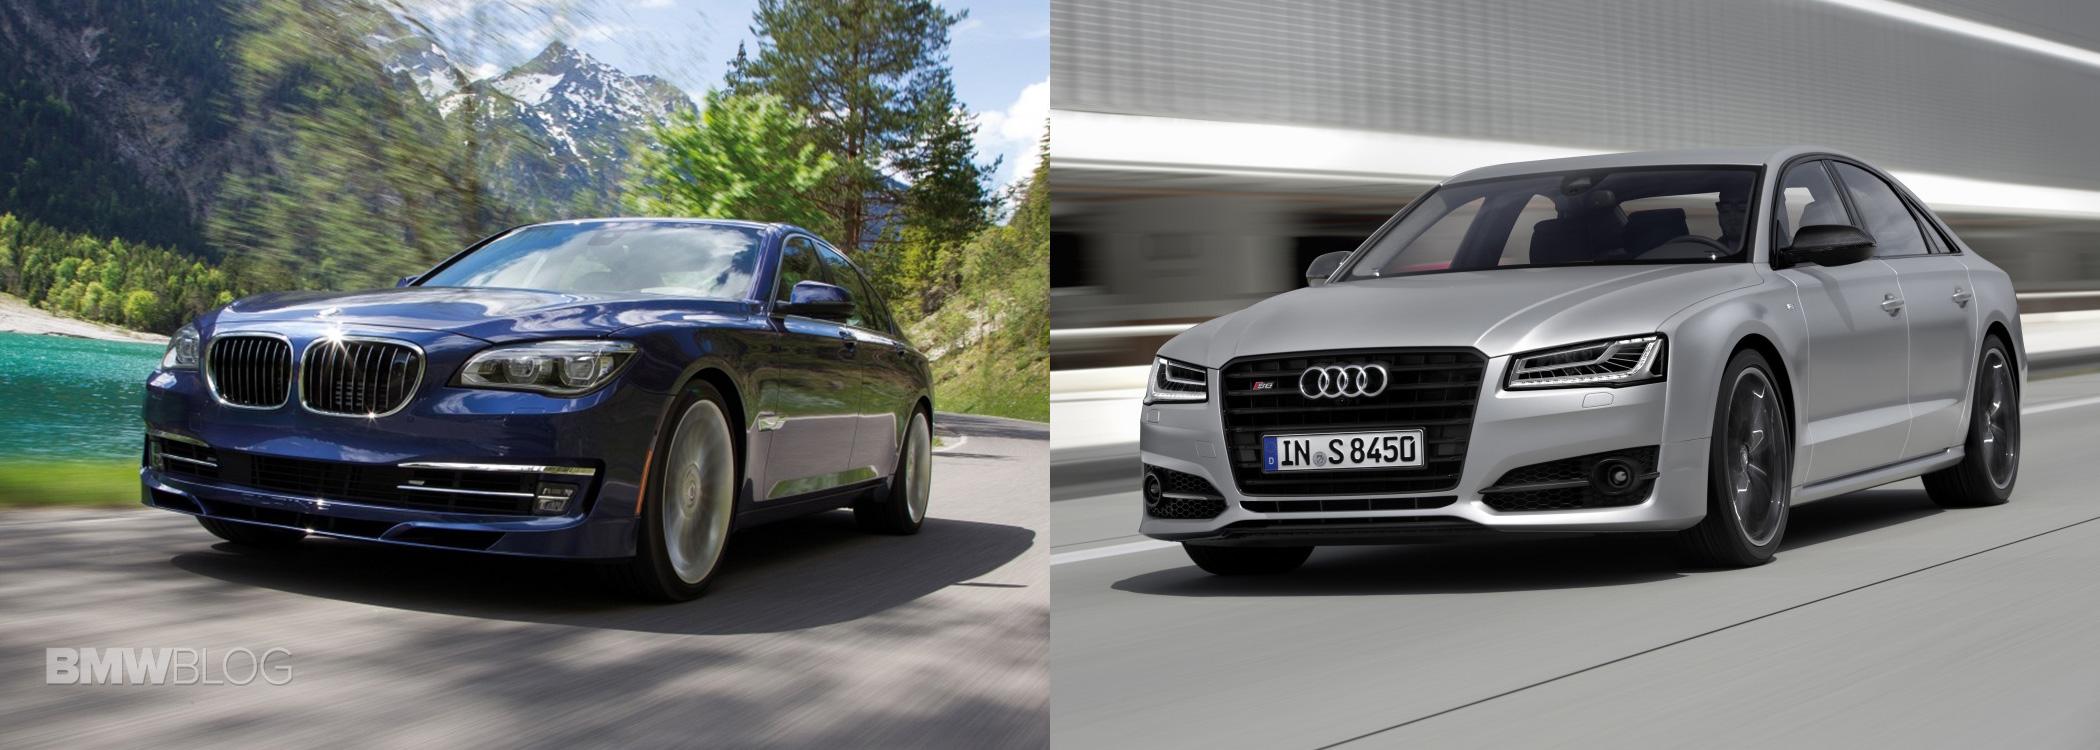 ALPINA B7 Audi S8 Plus